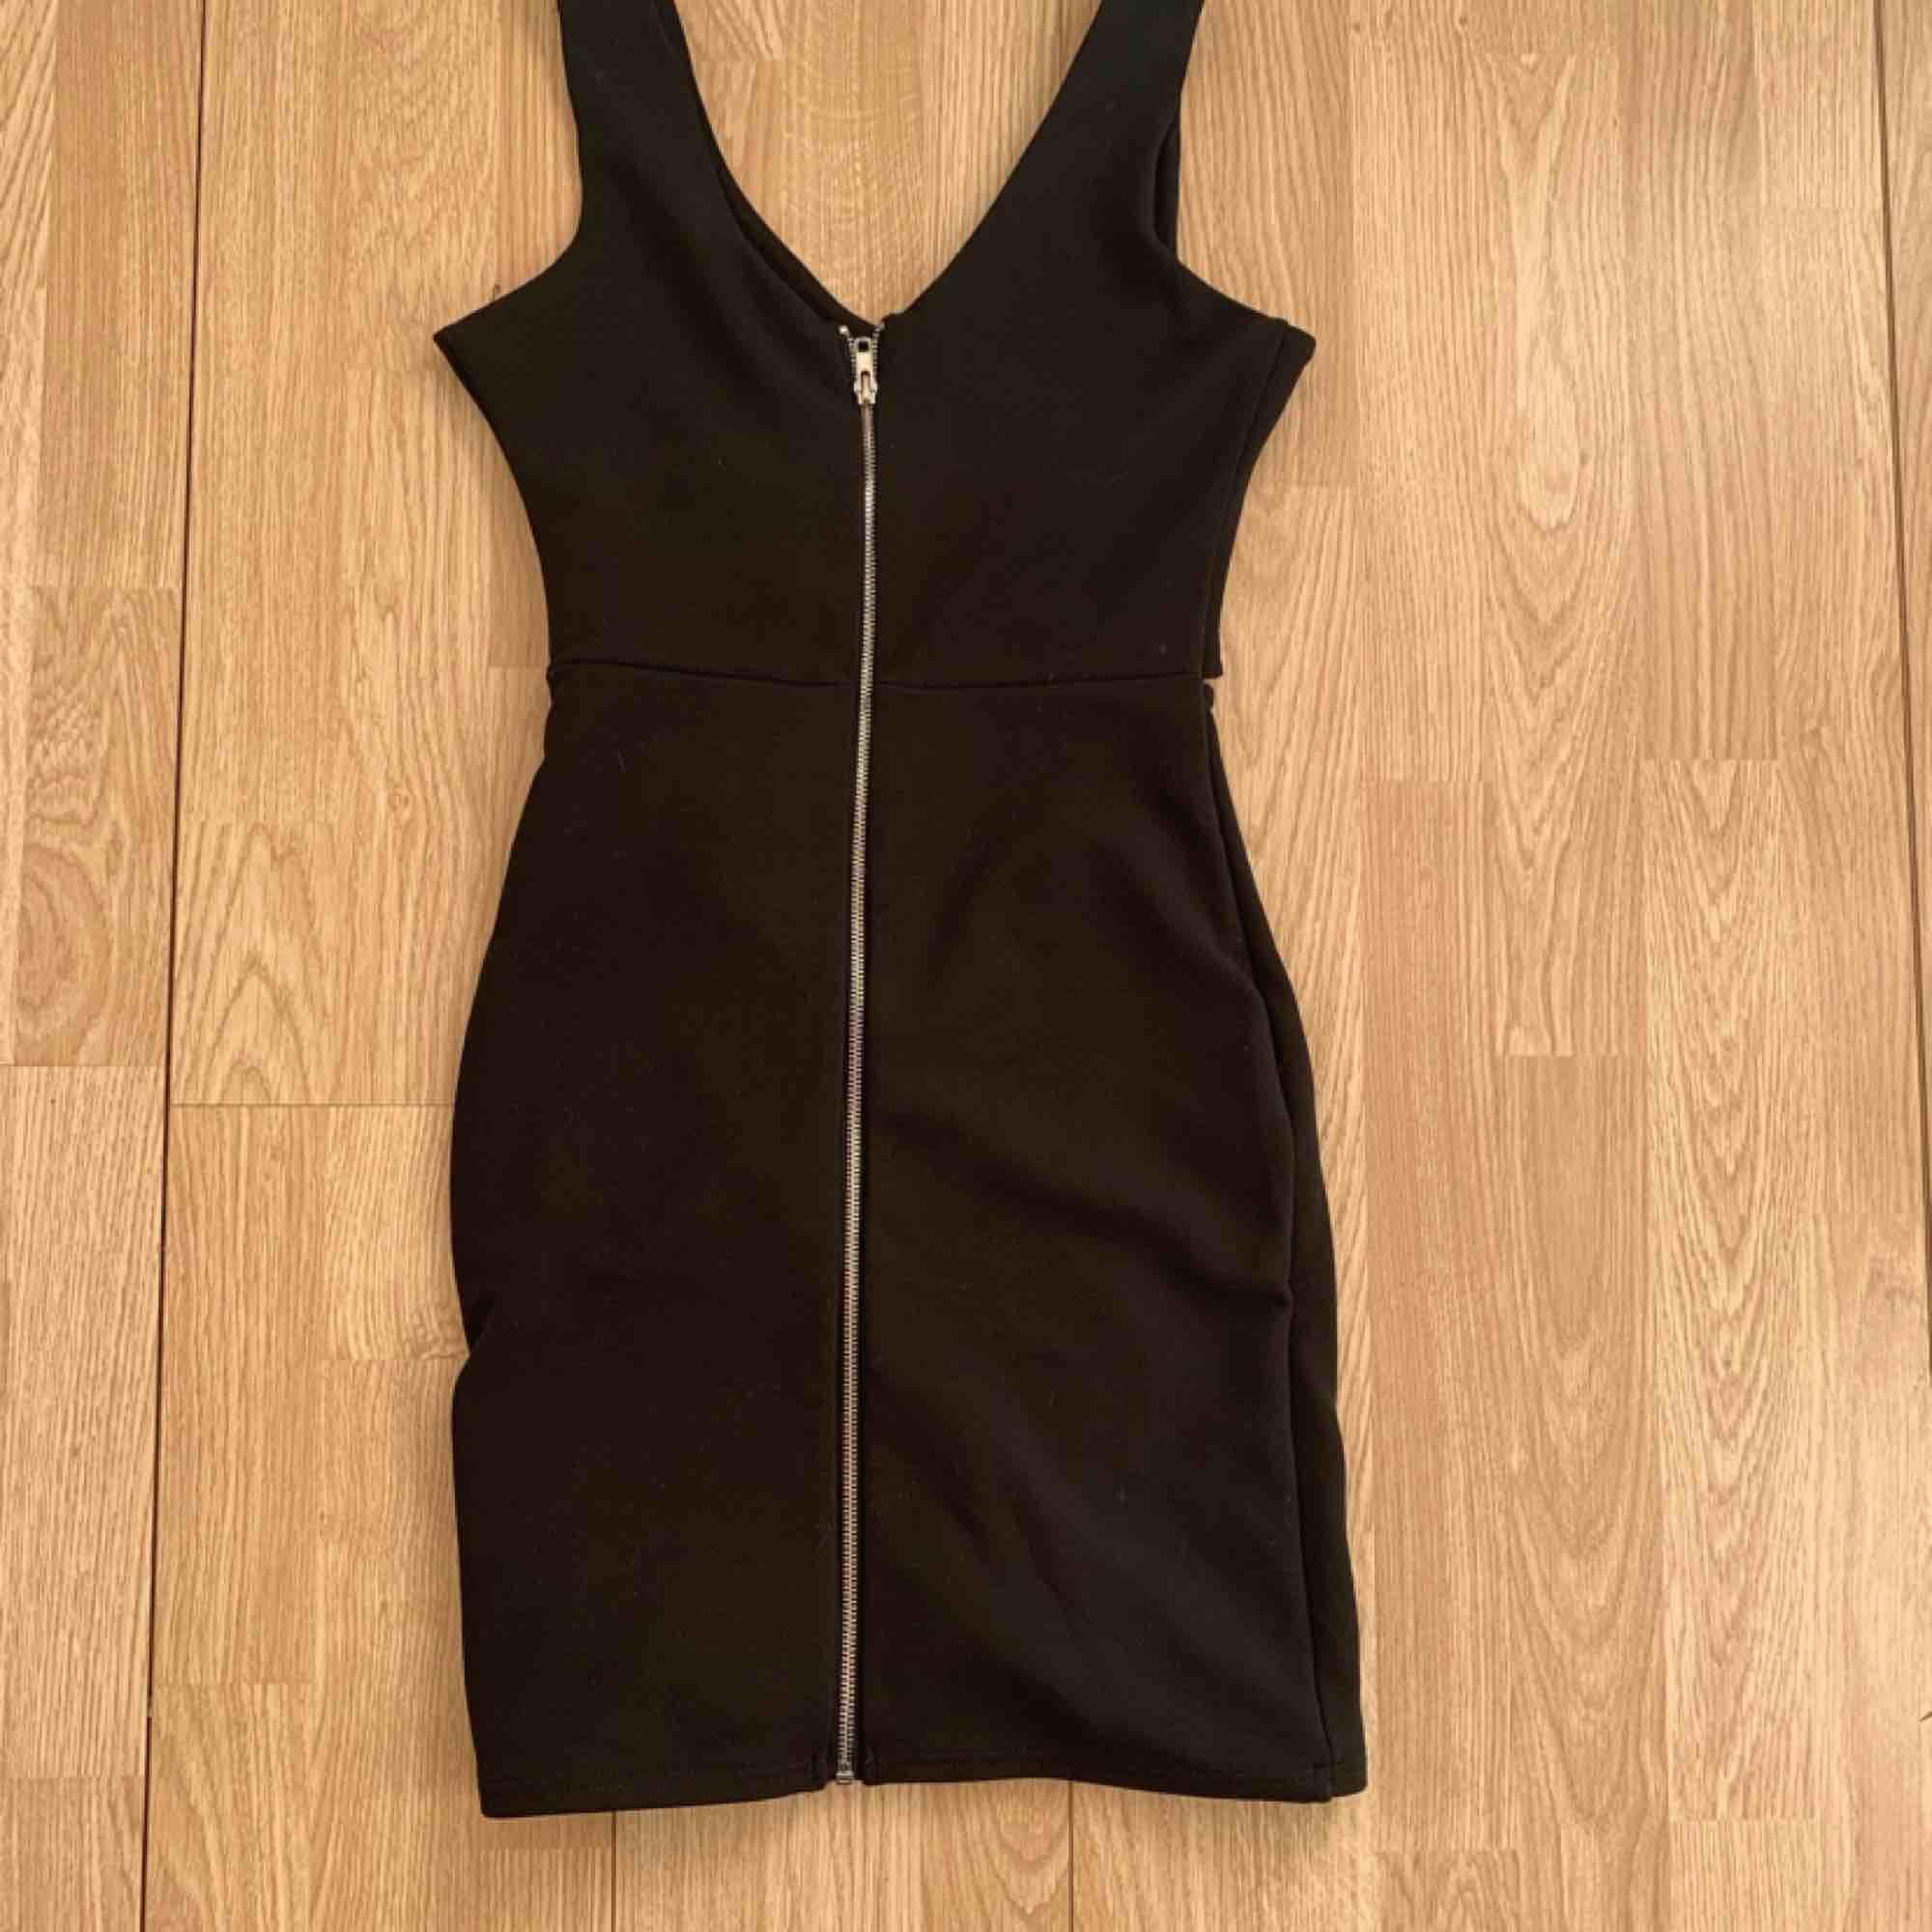 Svart kort klänning från Bik Bok storlek S, har cutout fram. Fint skick.  Möts upp i Stockholm eller fraktar. Frakt kostar 63kr extra, postar med videobevis/bildbevis. Jag garanterar en snabb pålitlig affär!✨. Klänningar.